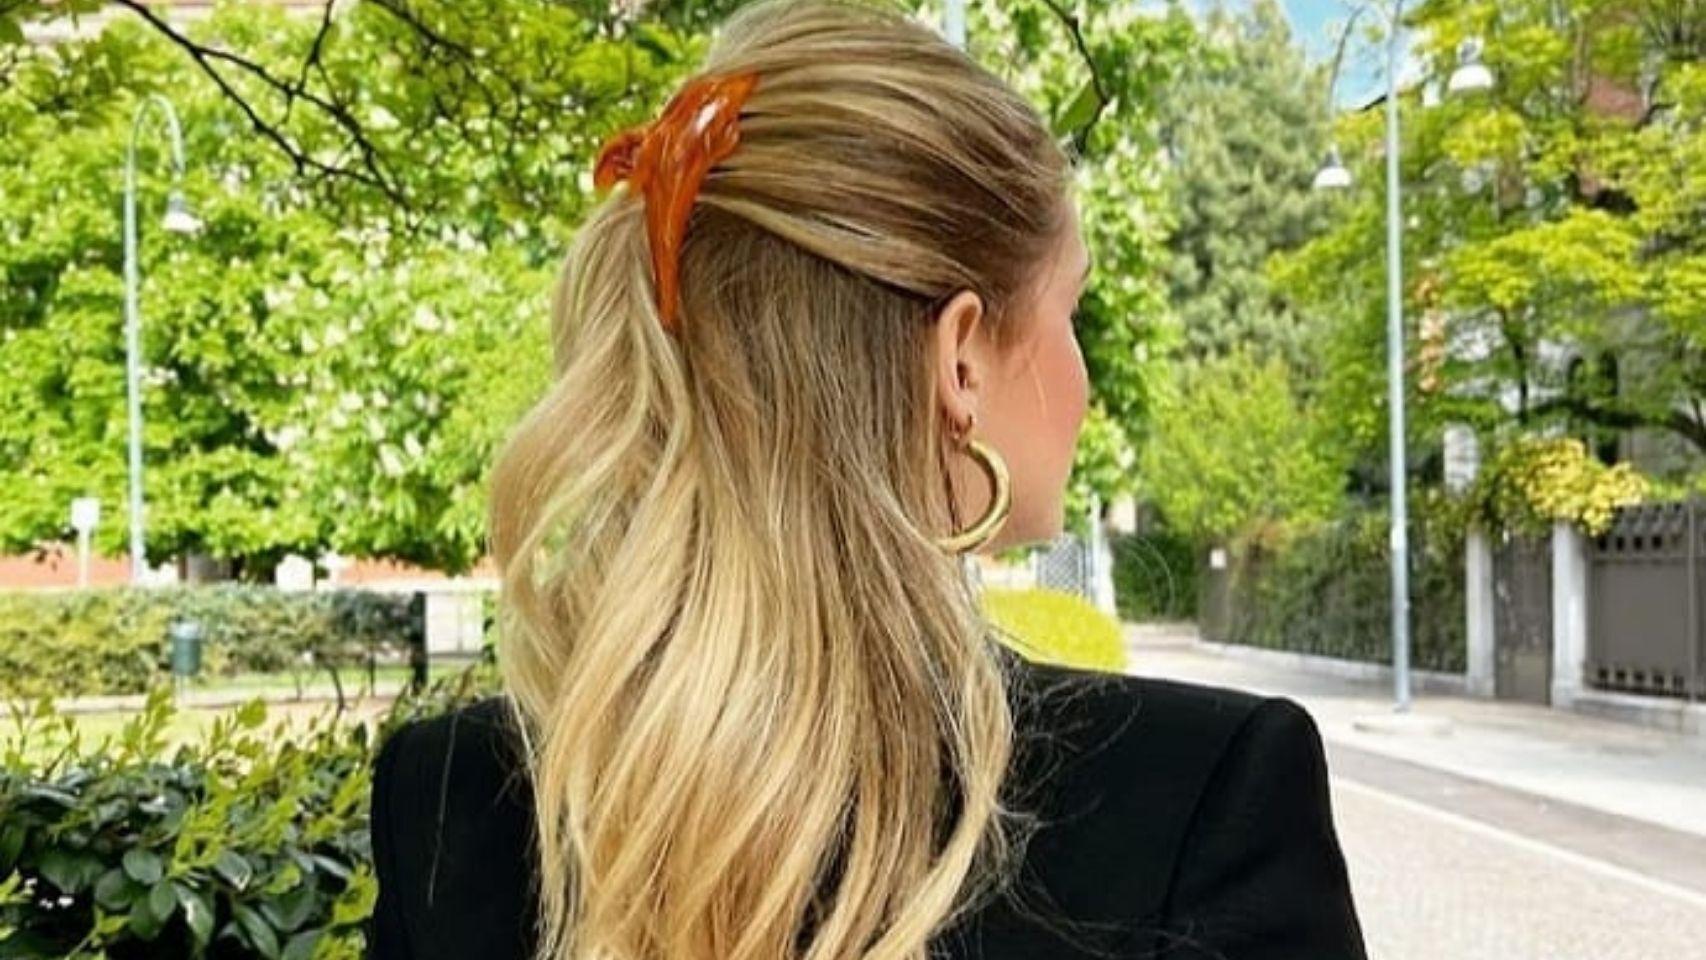 La pinza clásica del pelo se convierte en el accesorio más demandado.